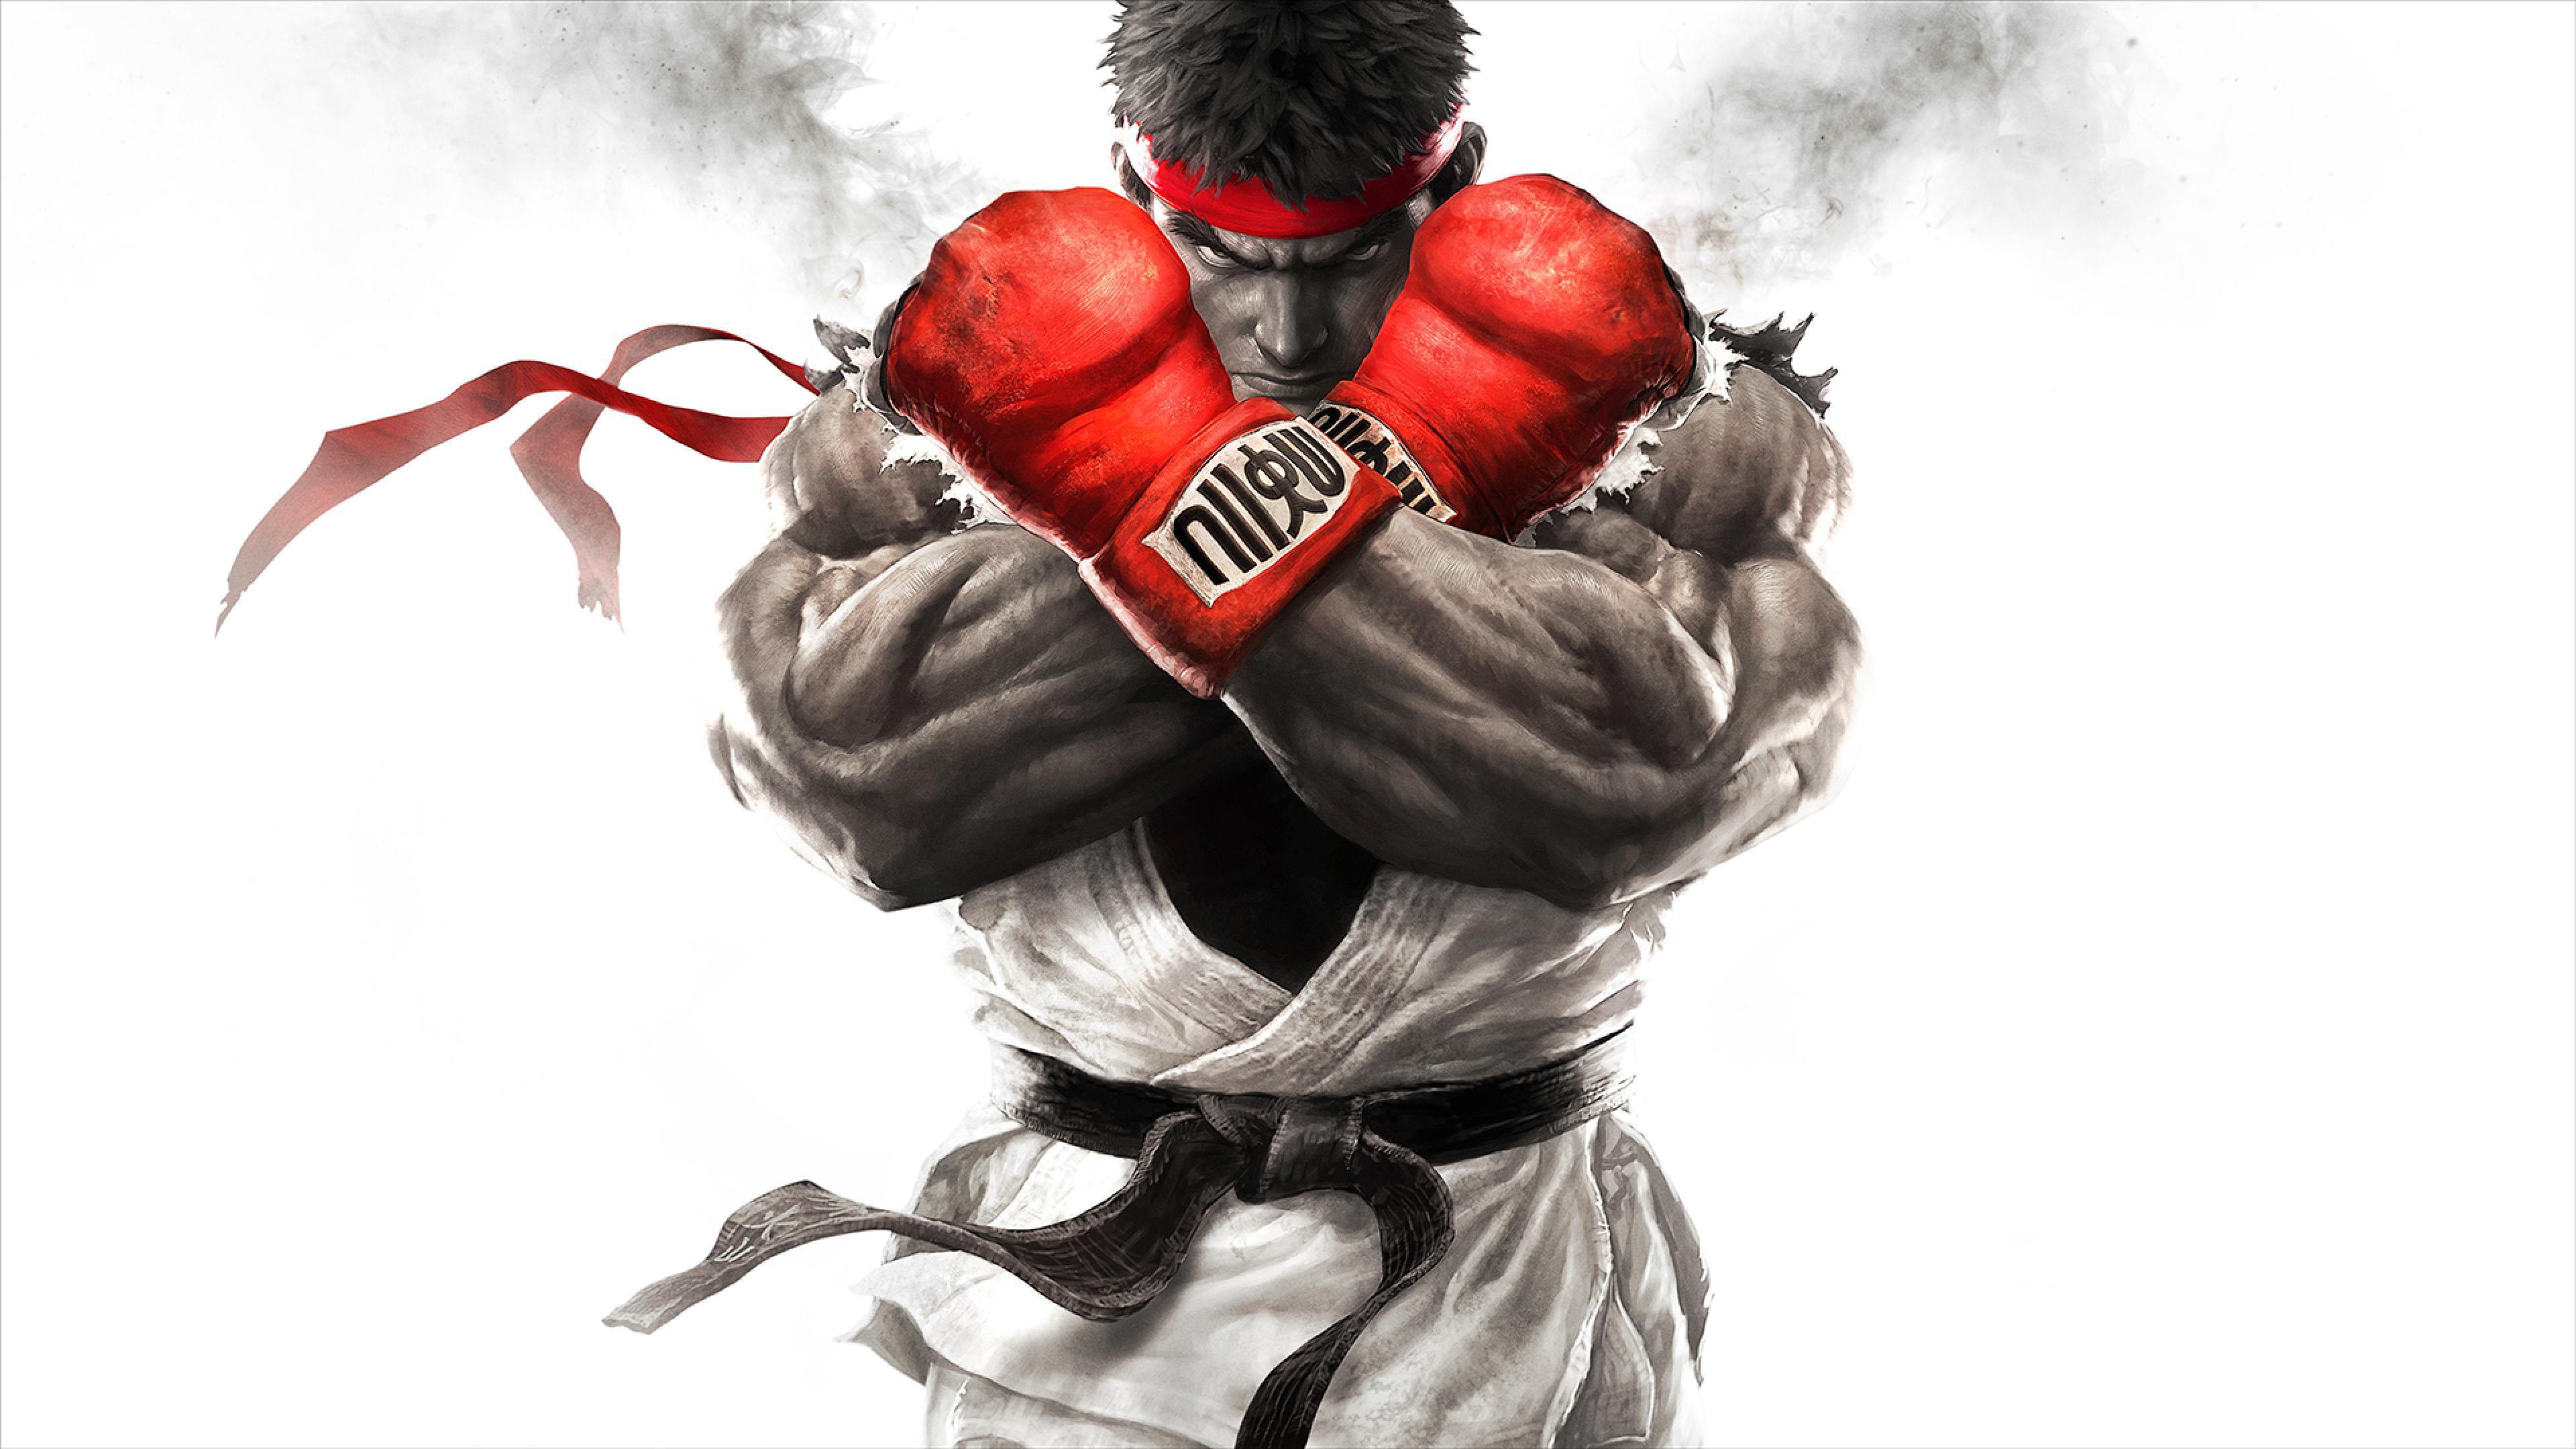 Próxima temporada de Street Fighter V com muitas novidades